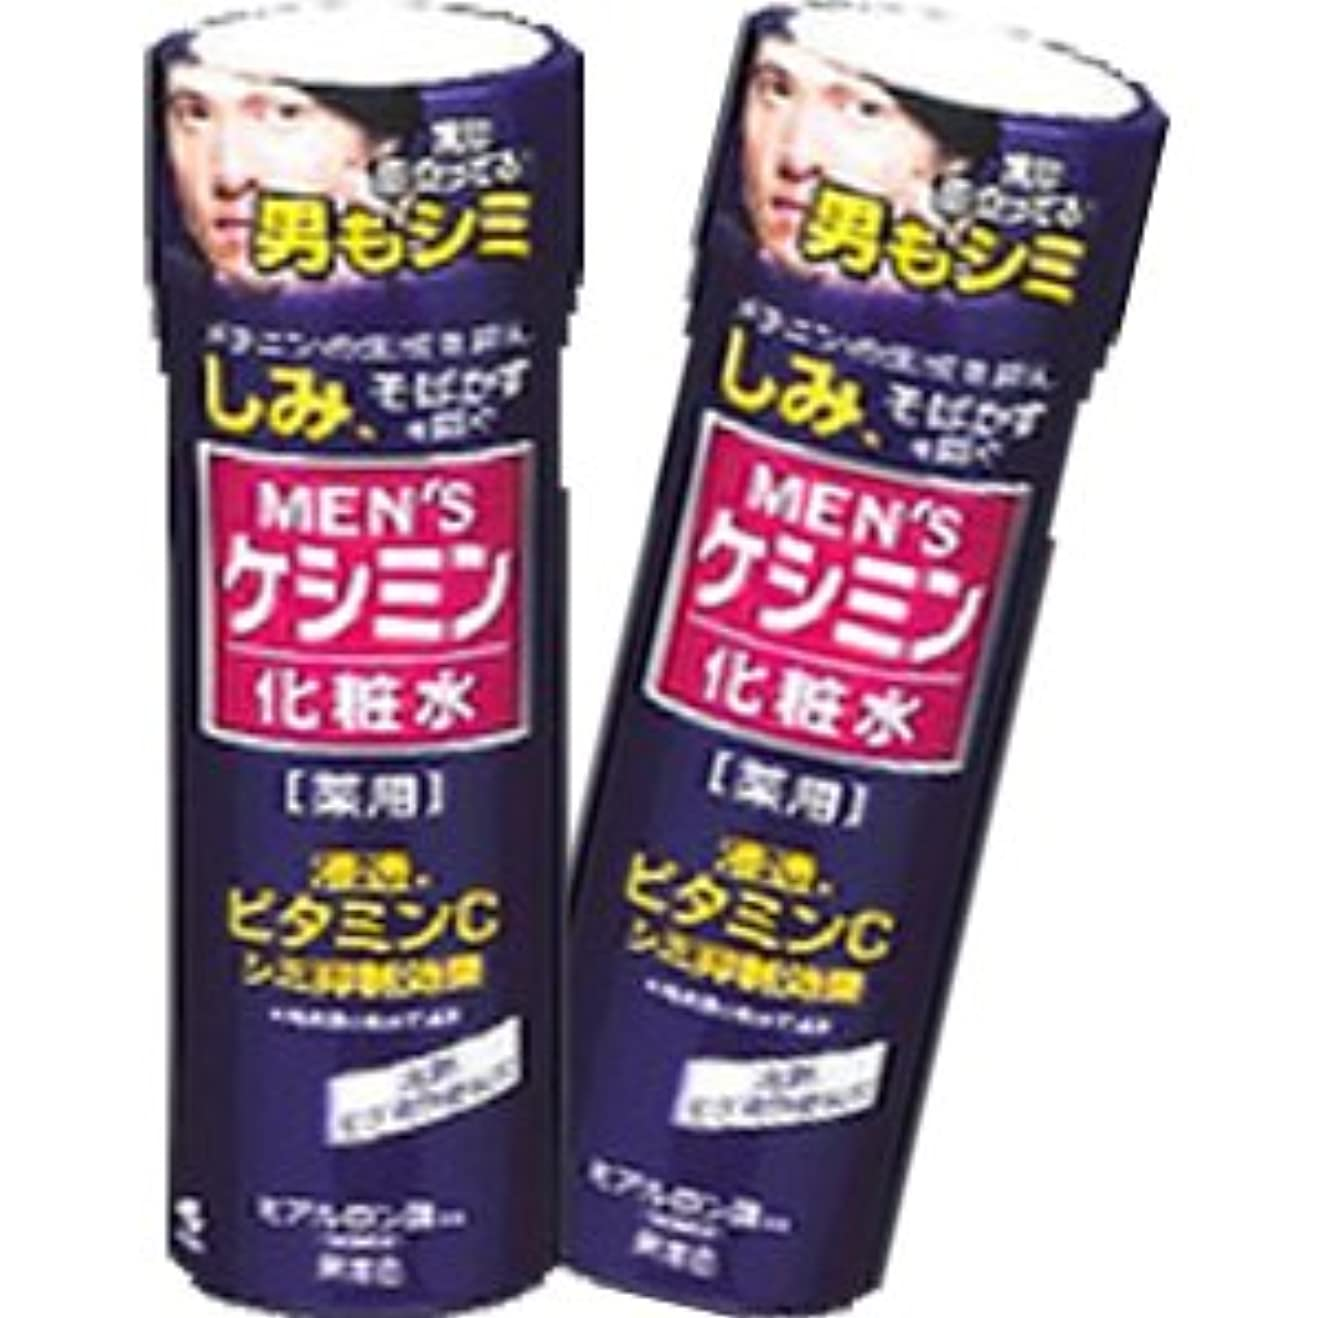 散歩選挙閲覧する【2個】 メンズケシミン化粧水 160mlx2個 (4987072034330)